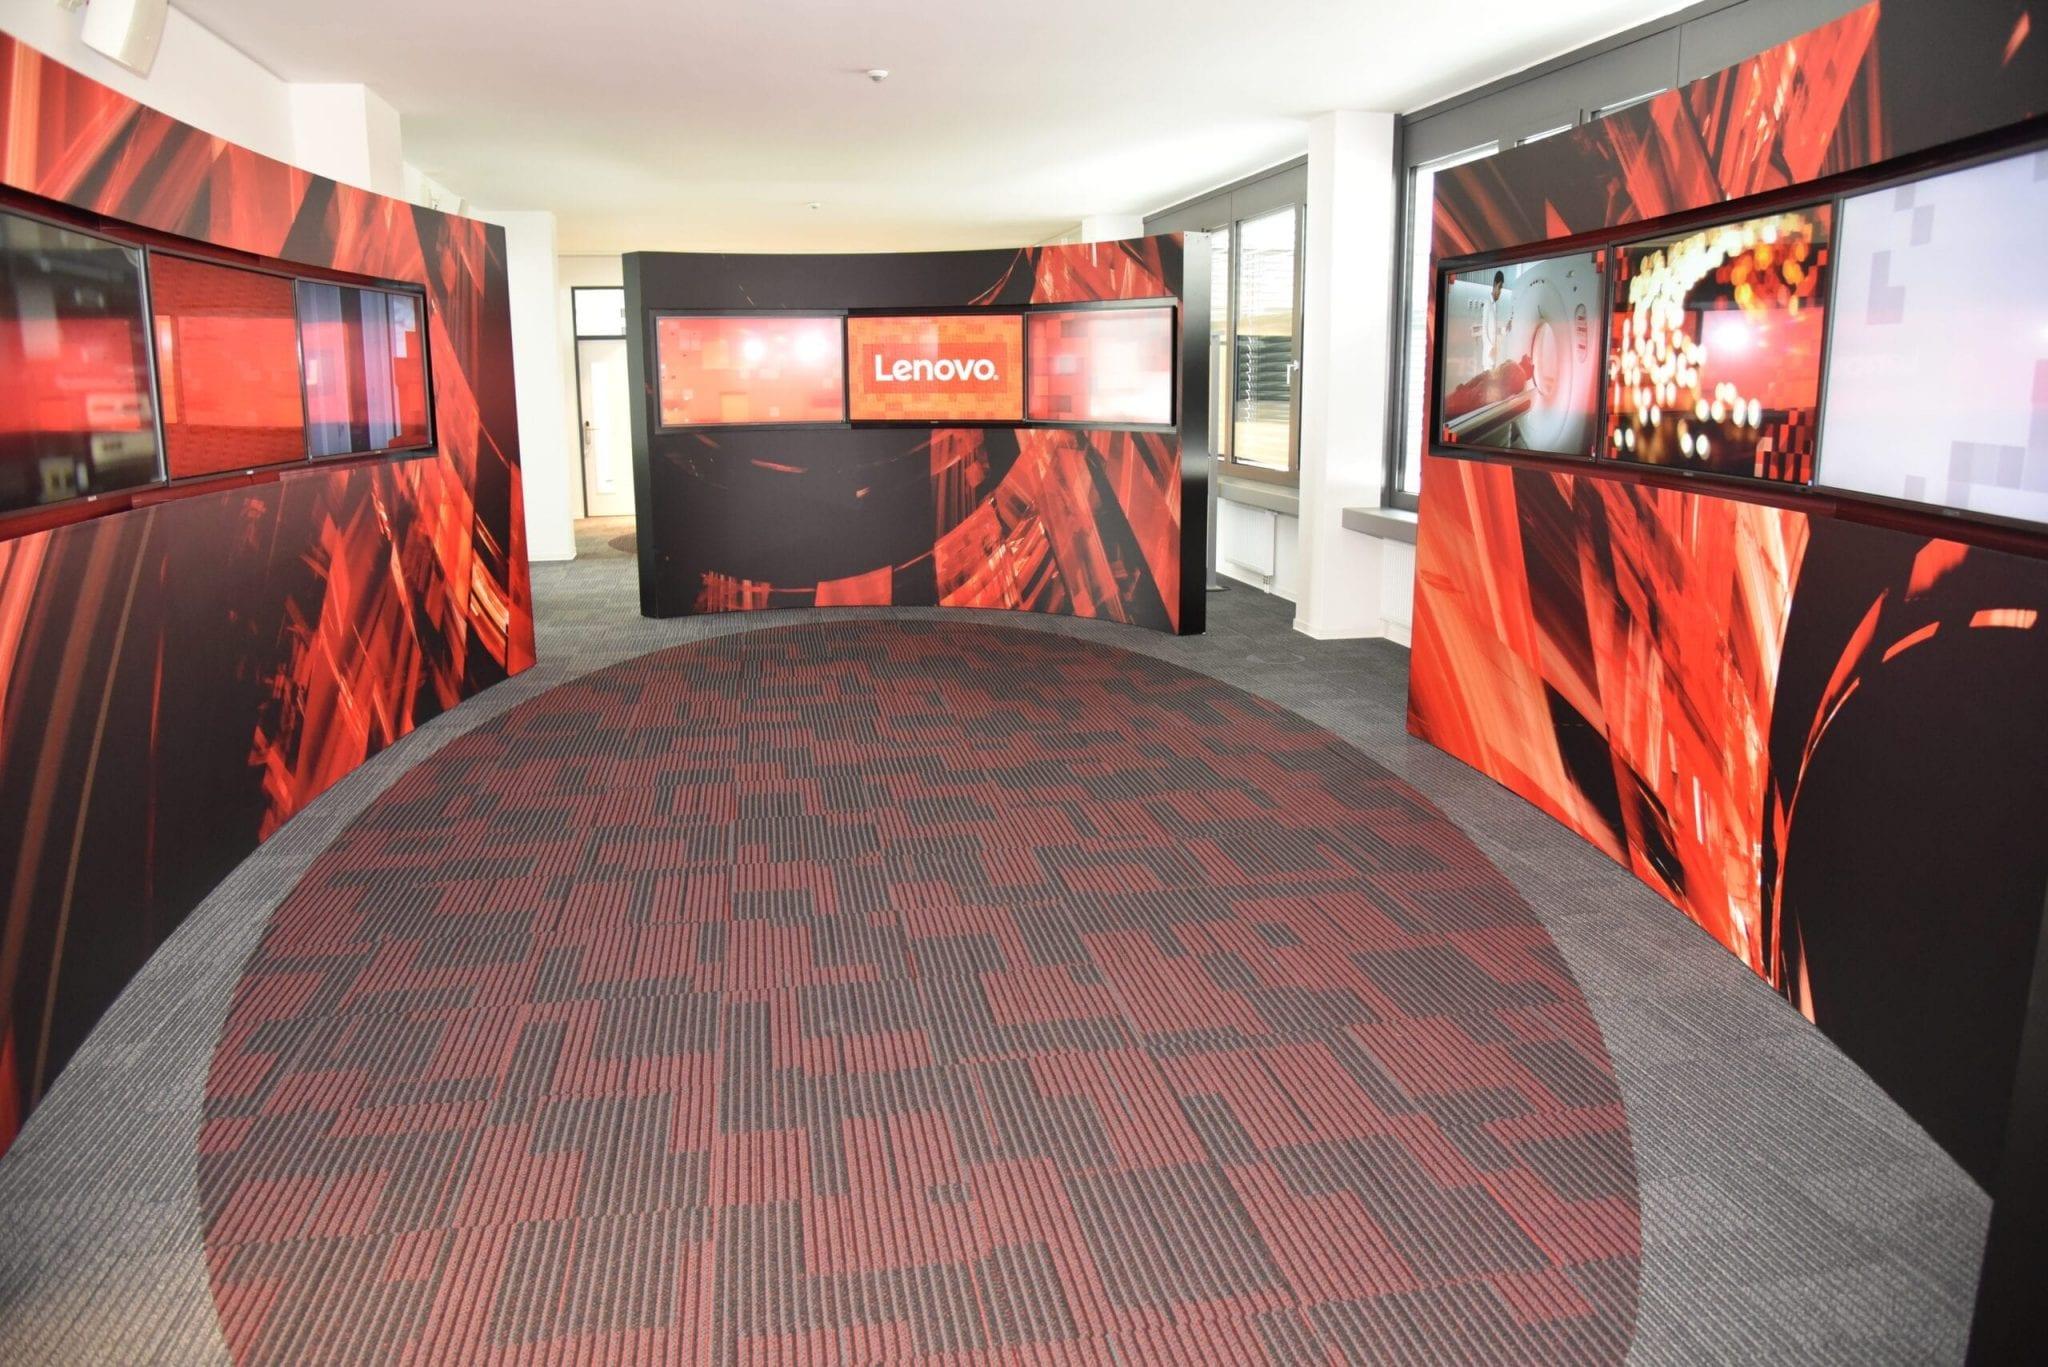 EMEA Enterprise Briefing Center